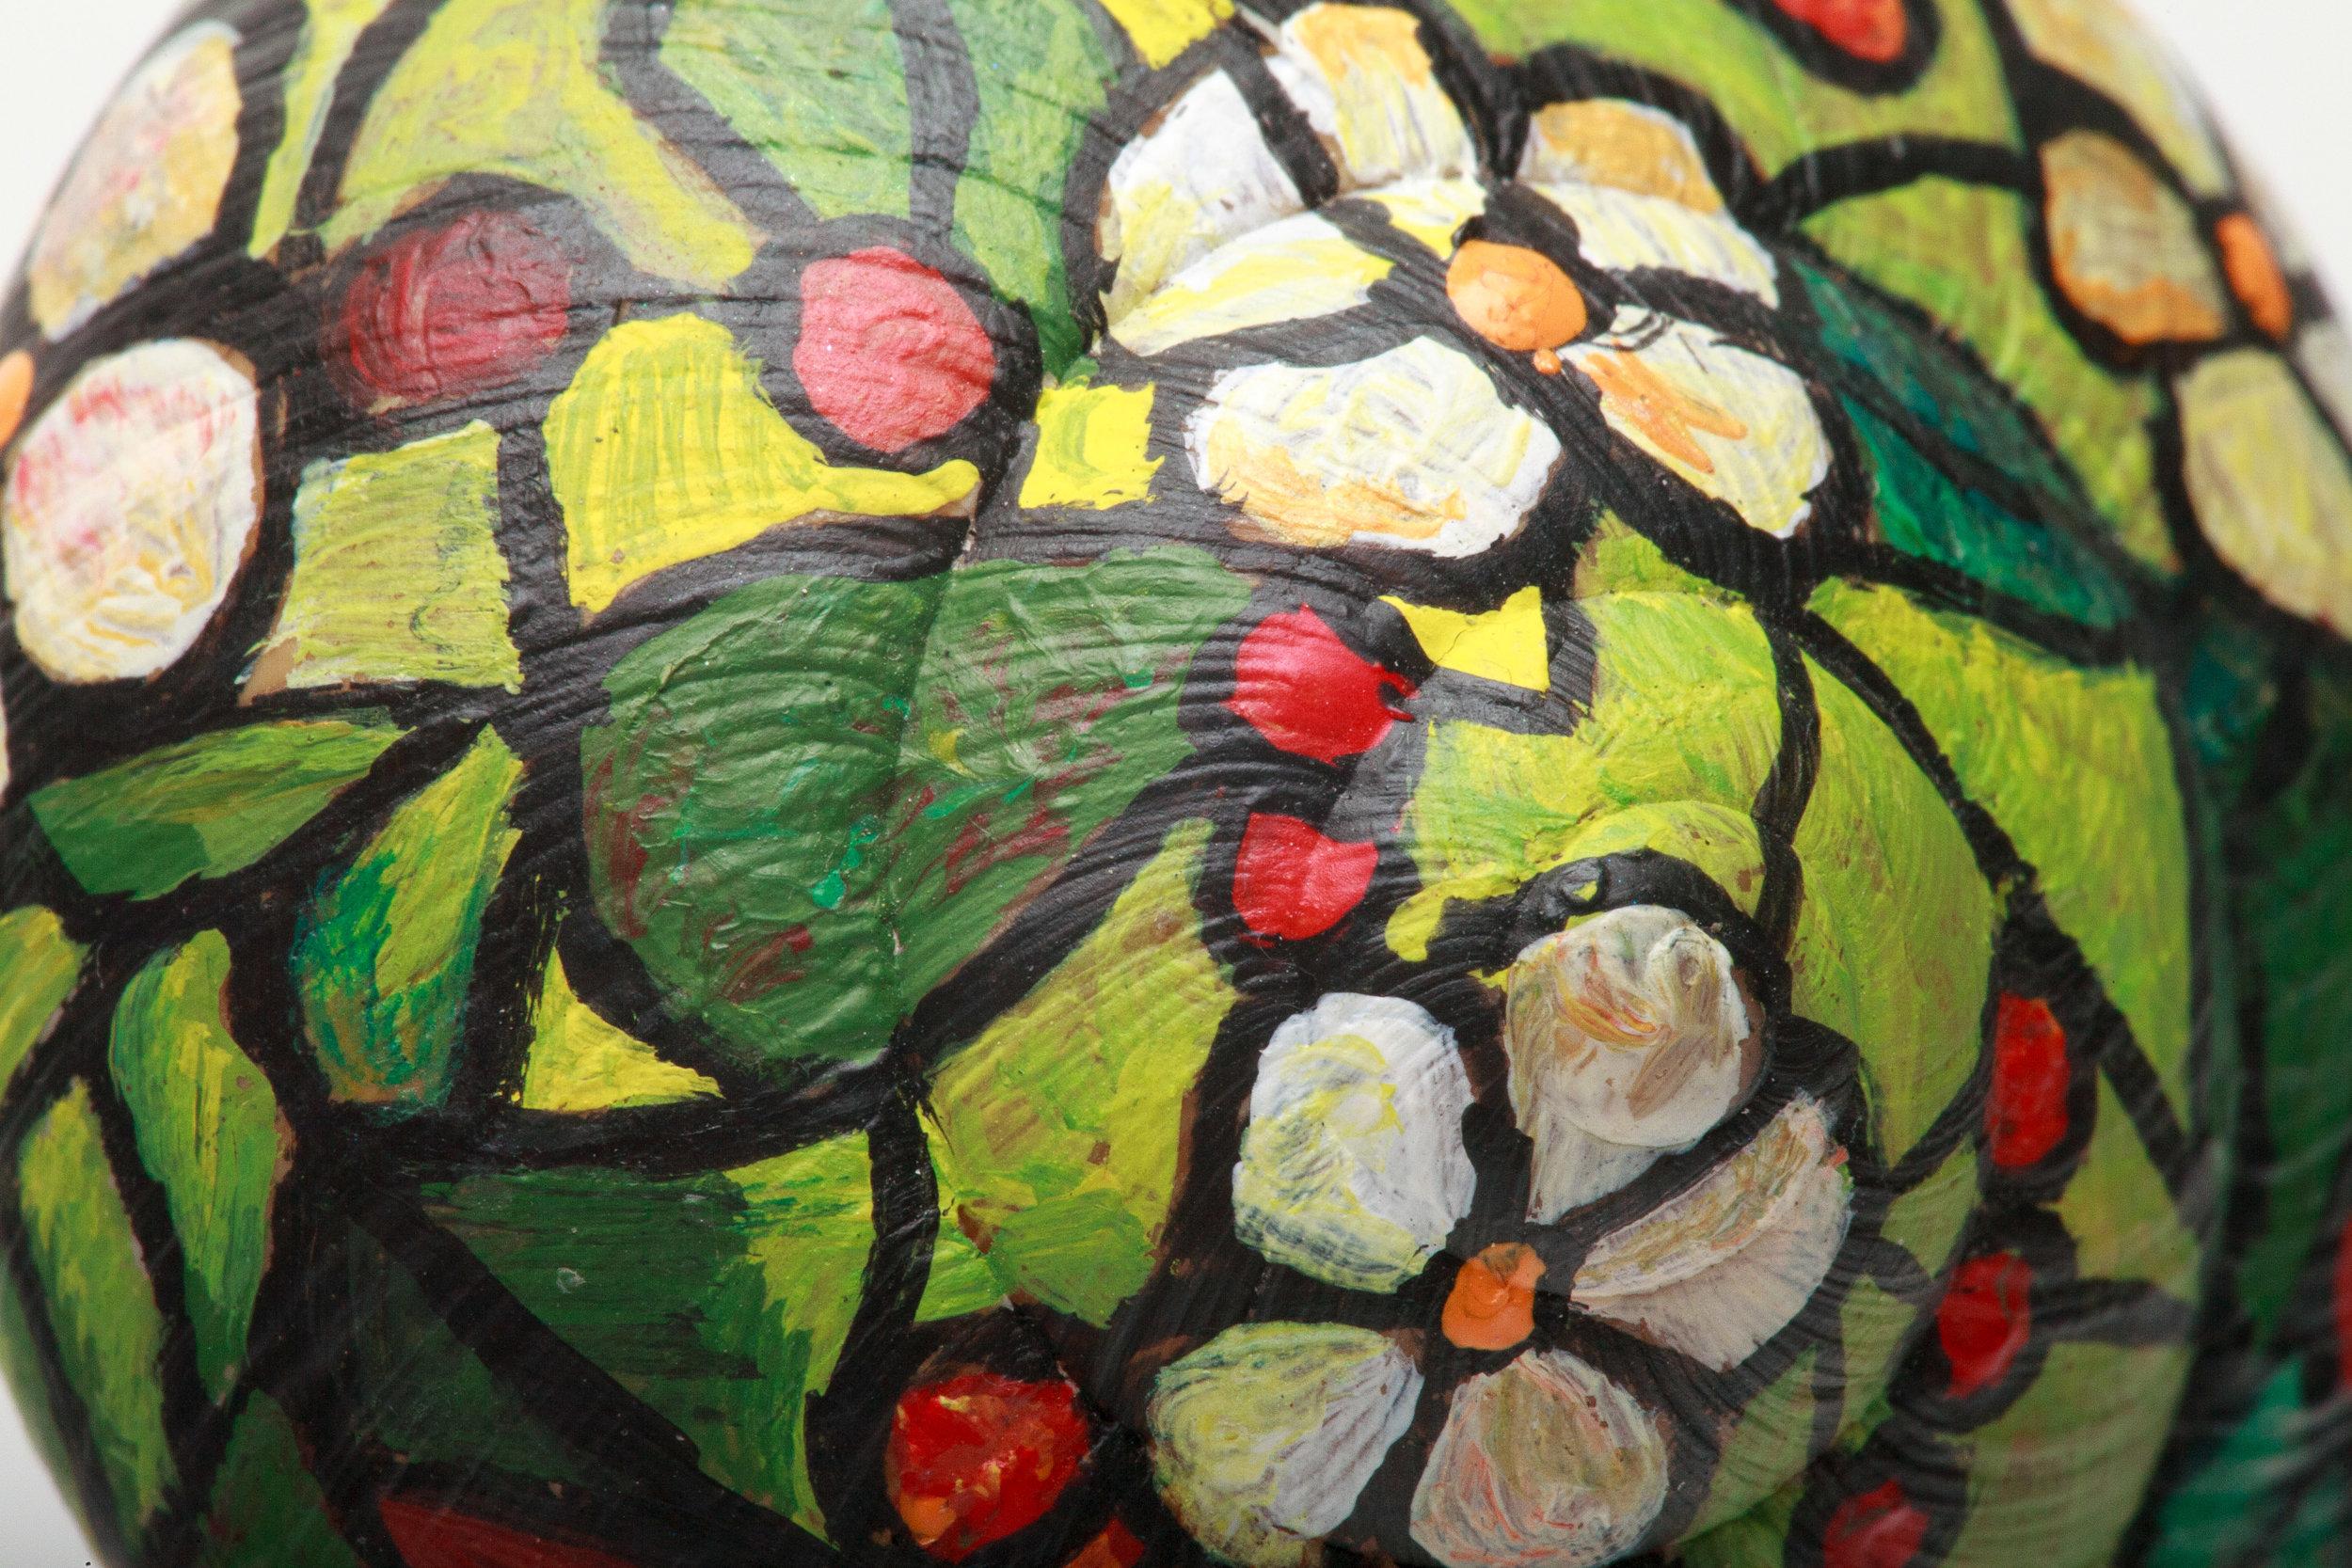 Apple blossom, detail shot